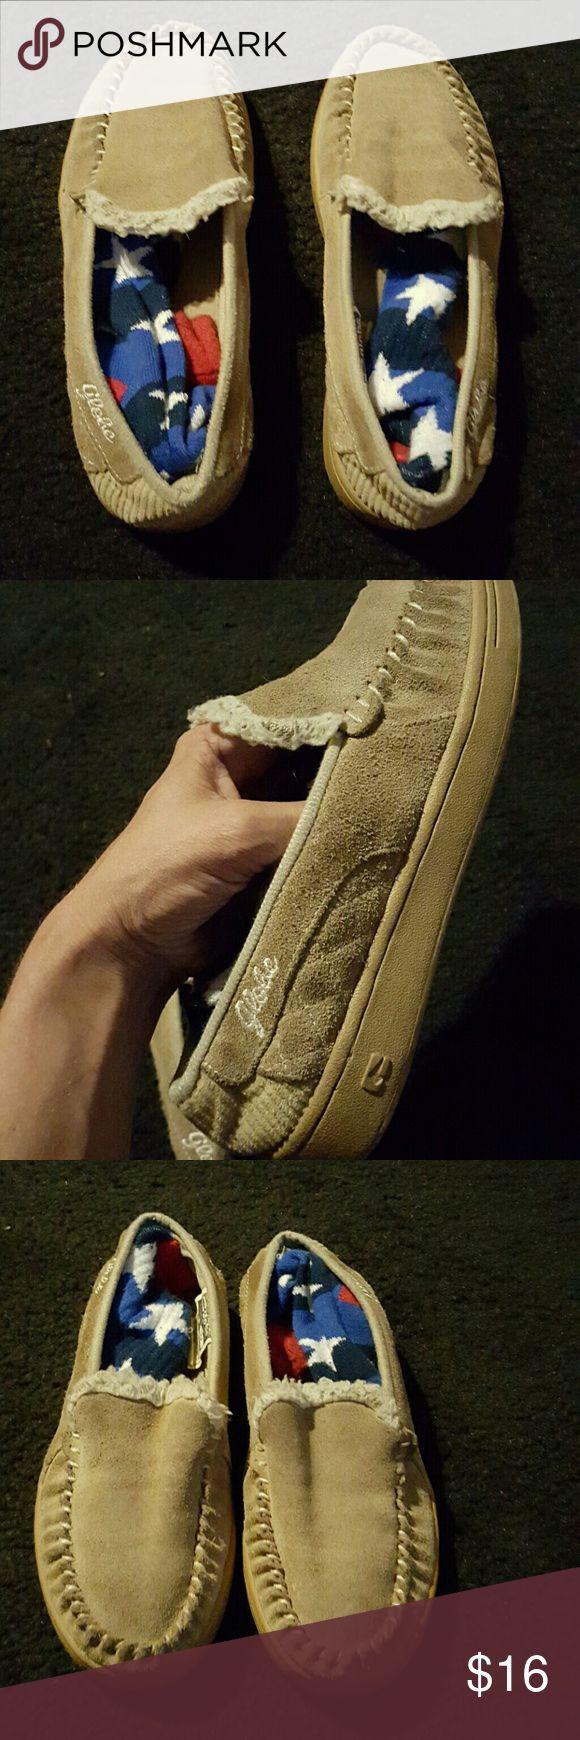 GLOBE Shoes GLOBE brand slide ons. Castro-Femalea. Size 7 [I keep socks inside the shoes to help keep form] Globe Shoes